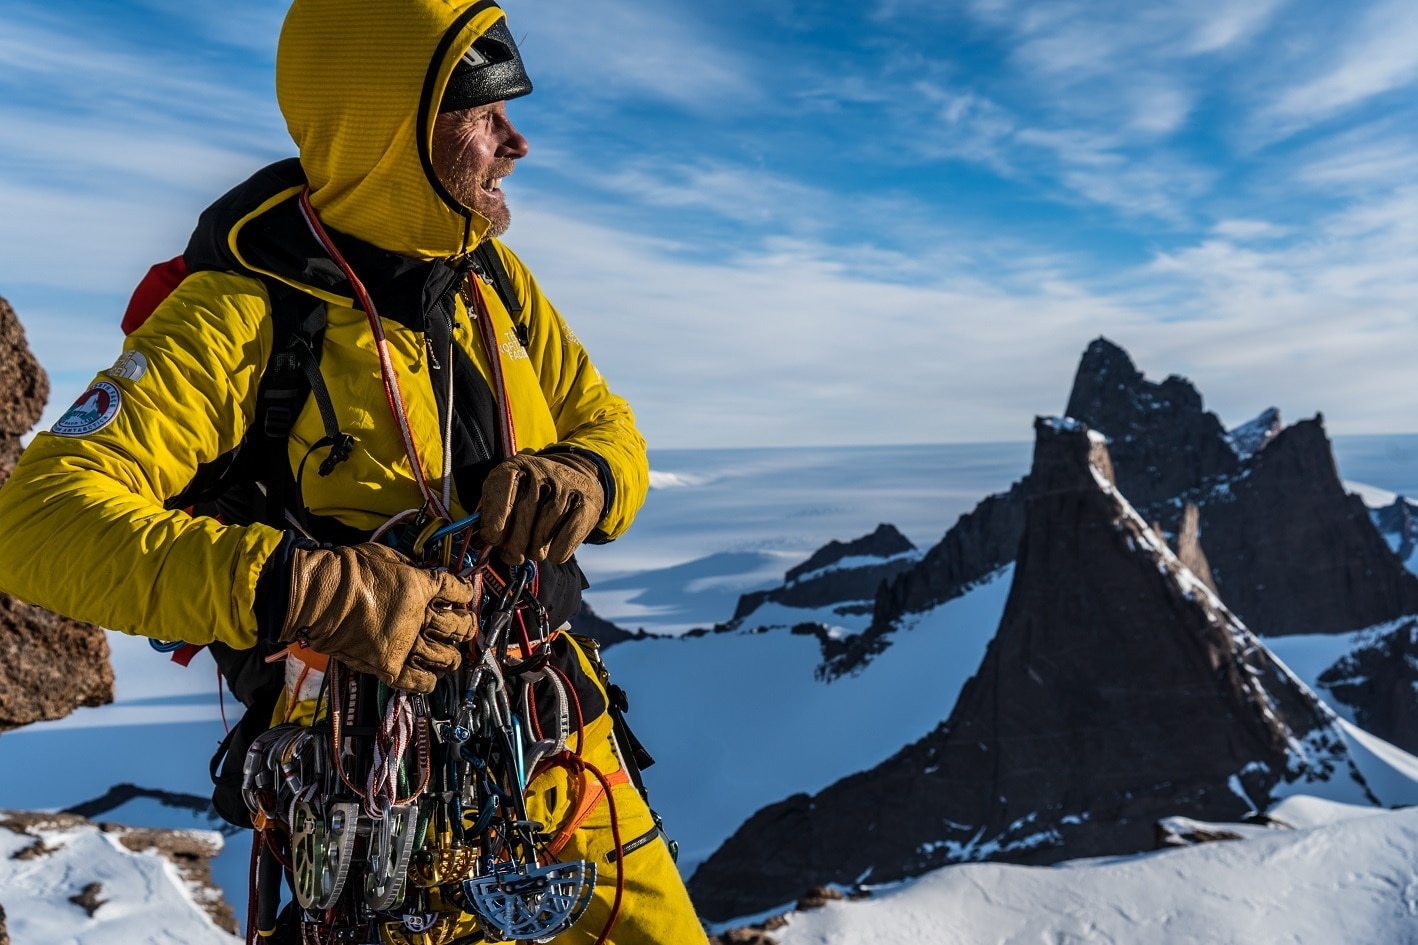 The North Face, Antarctica, film